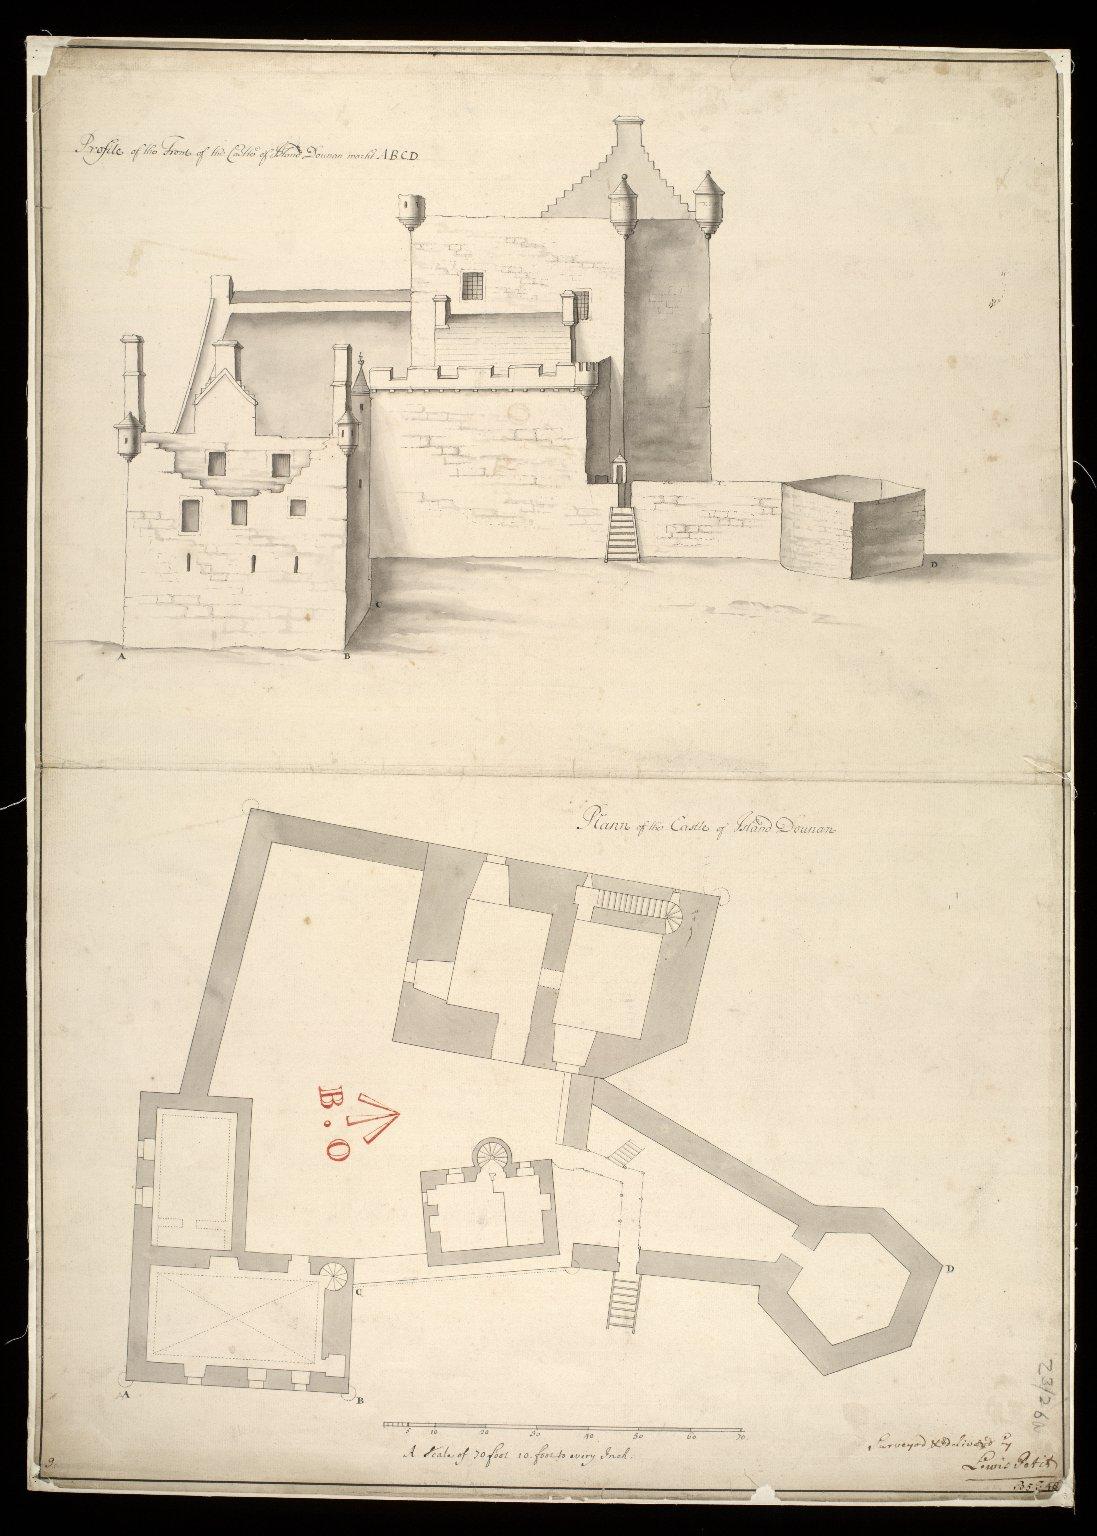 Plann of the Castle of Island Dounan : profile of the front of the Castle of Island Dounan [i.e. Eilean Donan] markt ABCD [1 of 1]